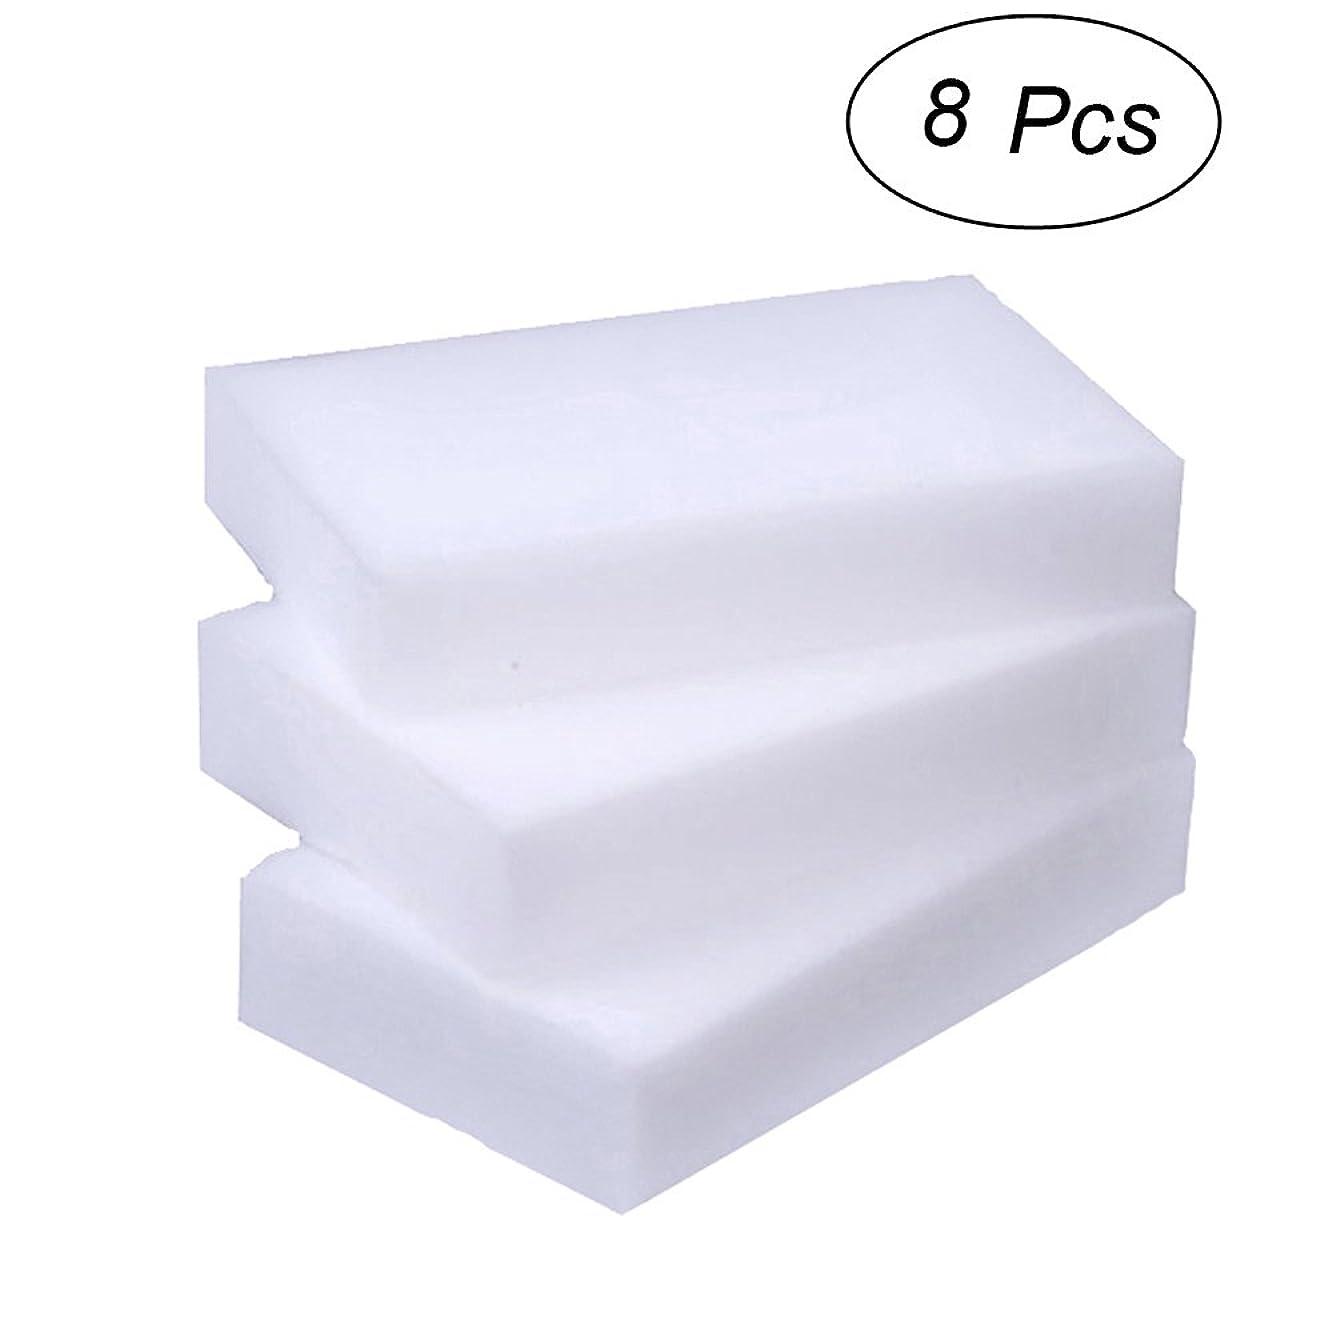 はさみ幻滅ボタンBESTONZONキッチンマジック消しゴムスポンジ耐久性のあるホワイトクリーニング洗浄スポンジ8ピース